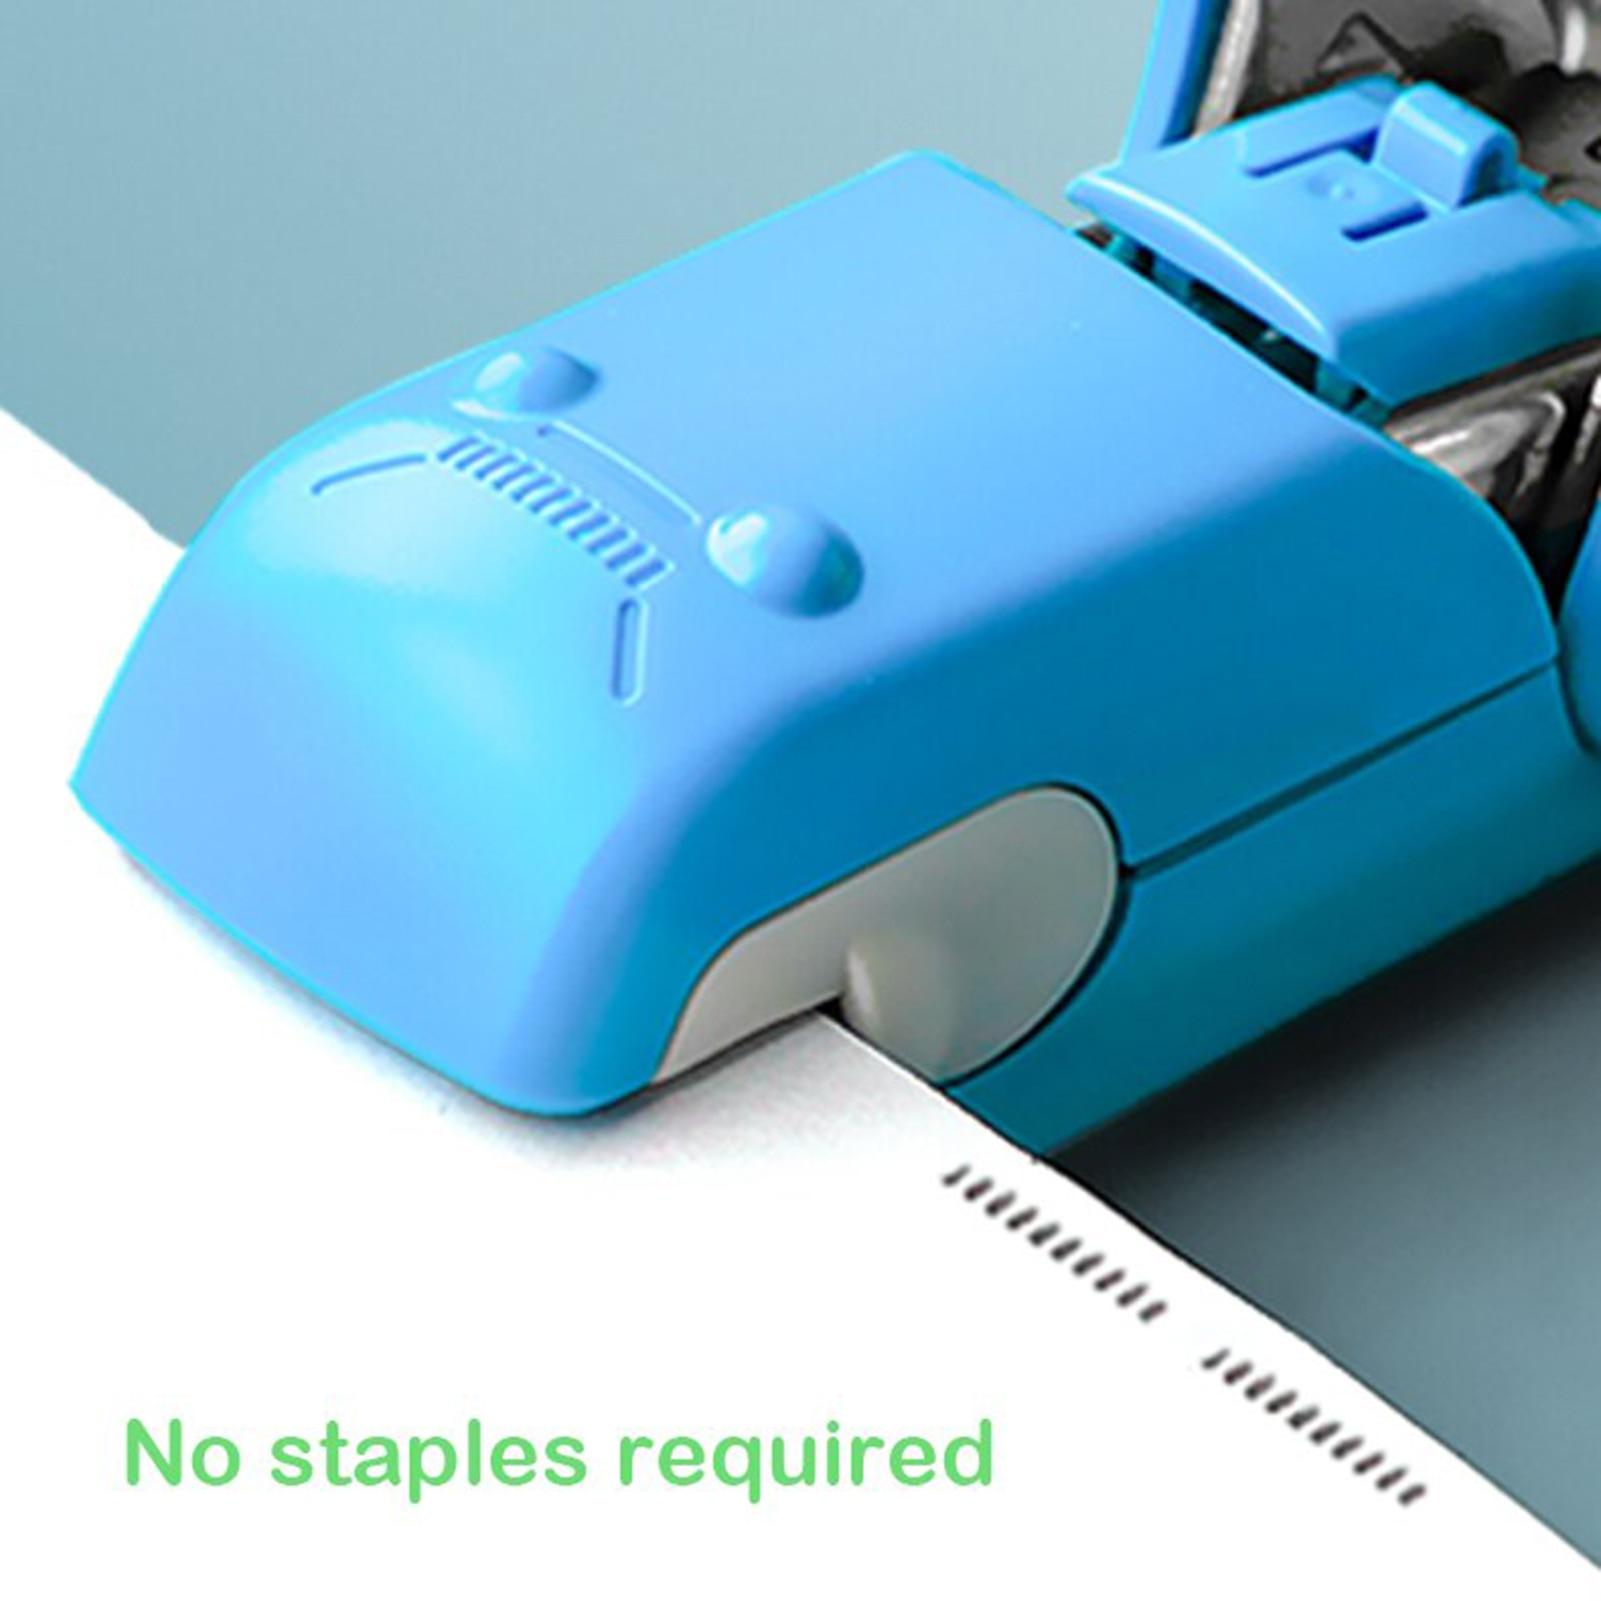 Степлер, экономия времени, легкий ручной степлер без иглы, портативный студенческий офисный канцелярский мини-степлер GK99